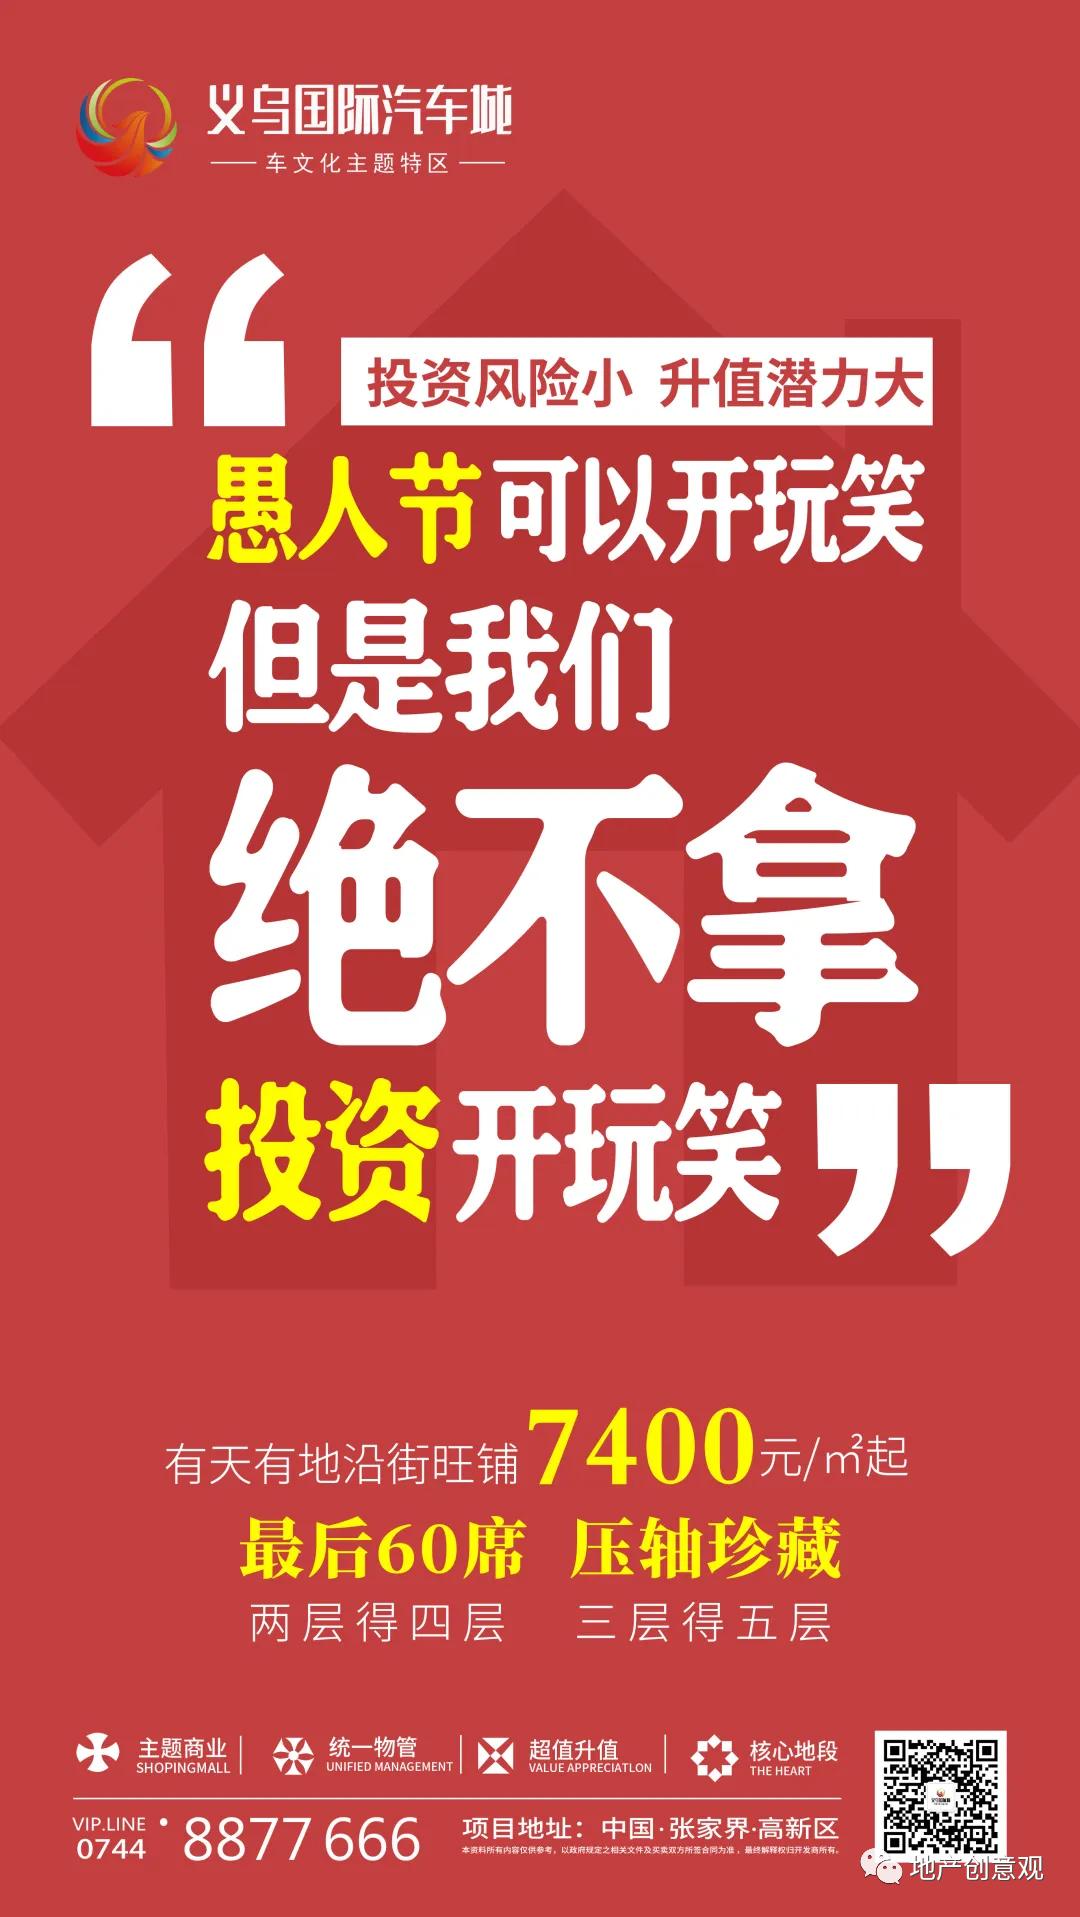 地产广告丨2021愚人节借势海报文案欣赏~插图216